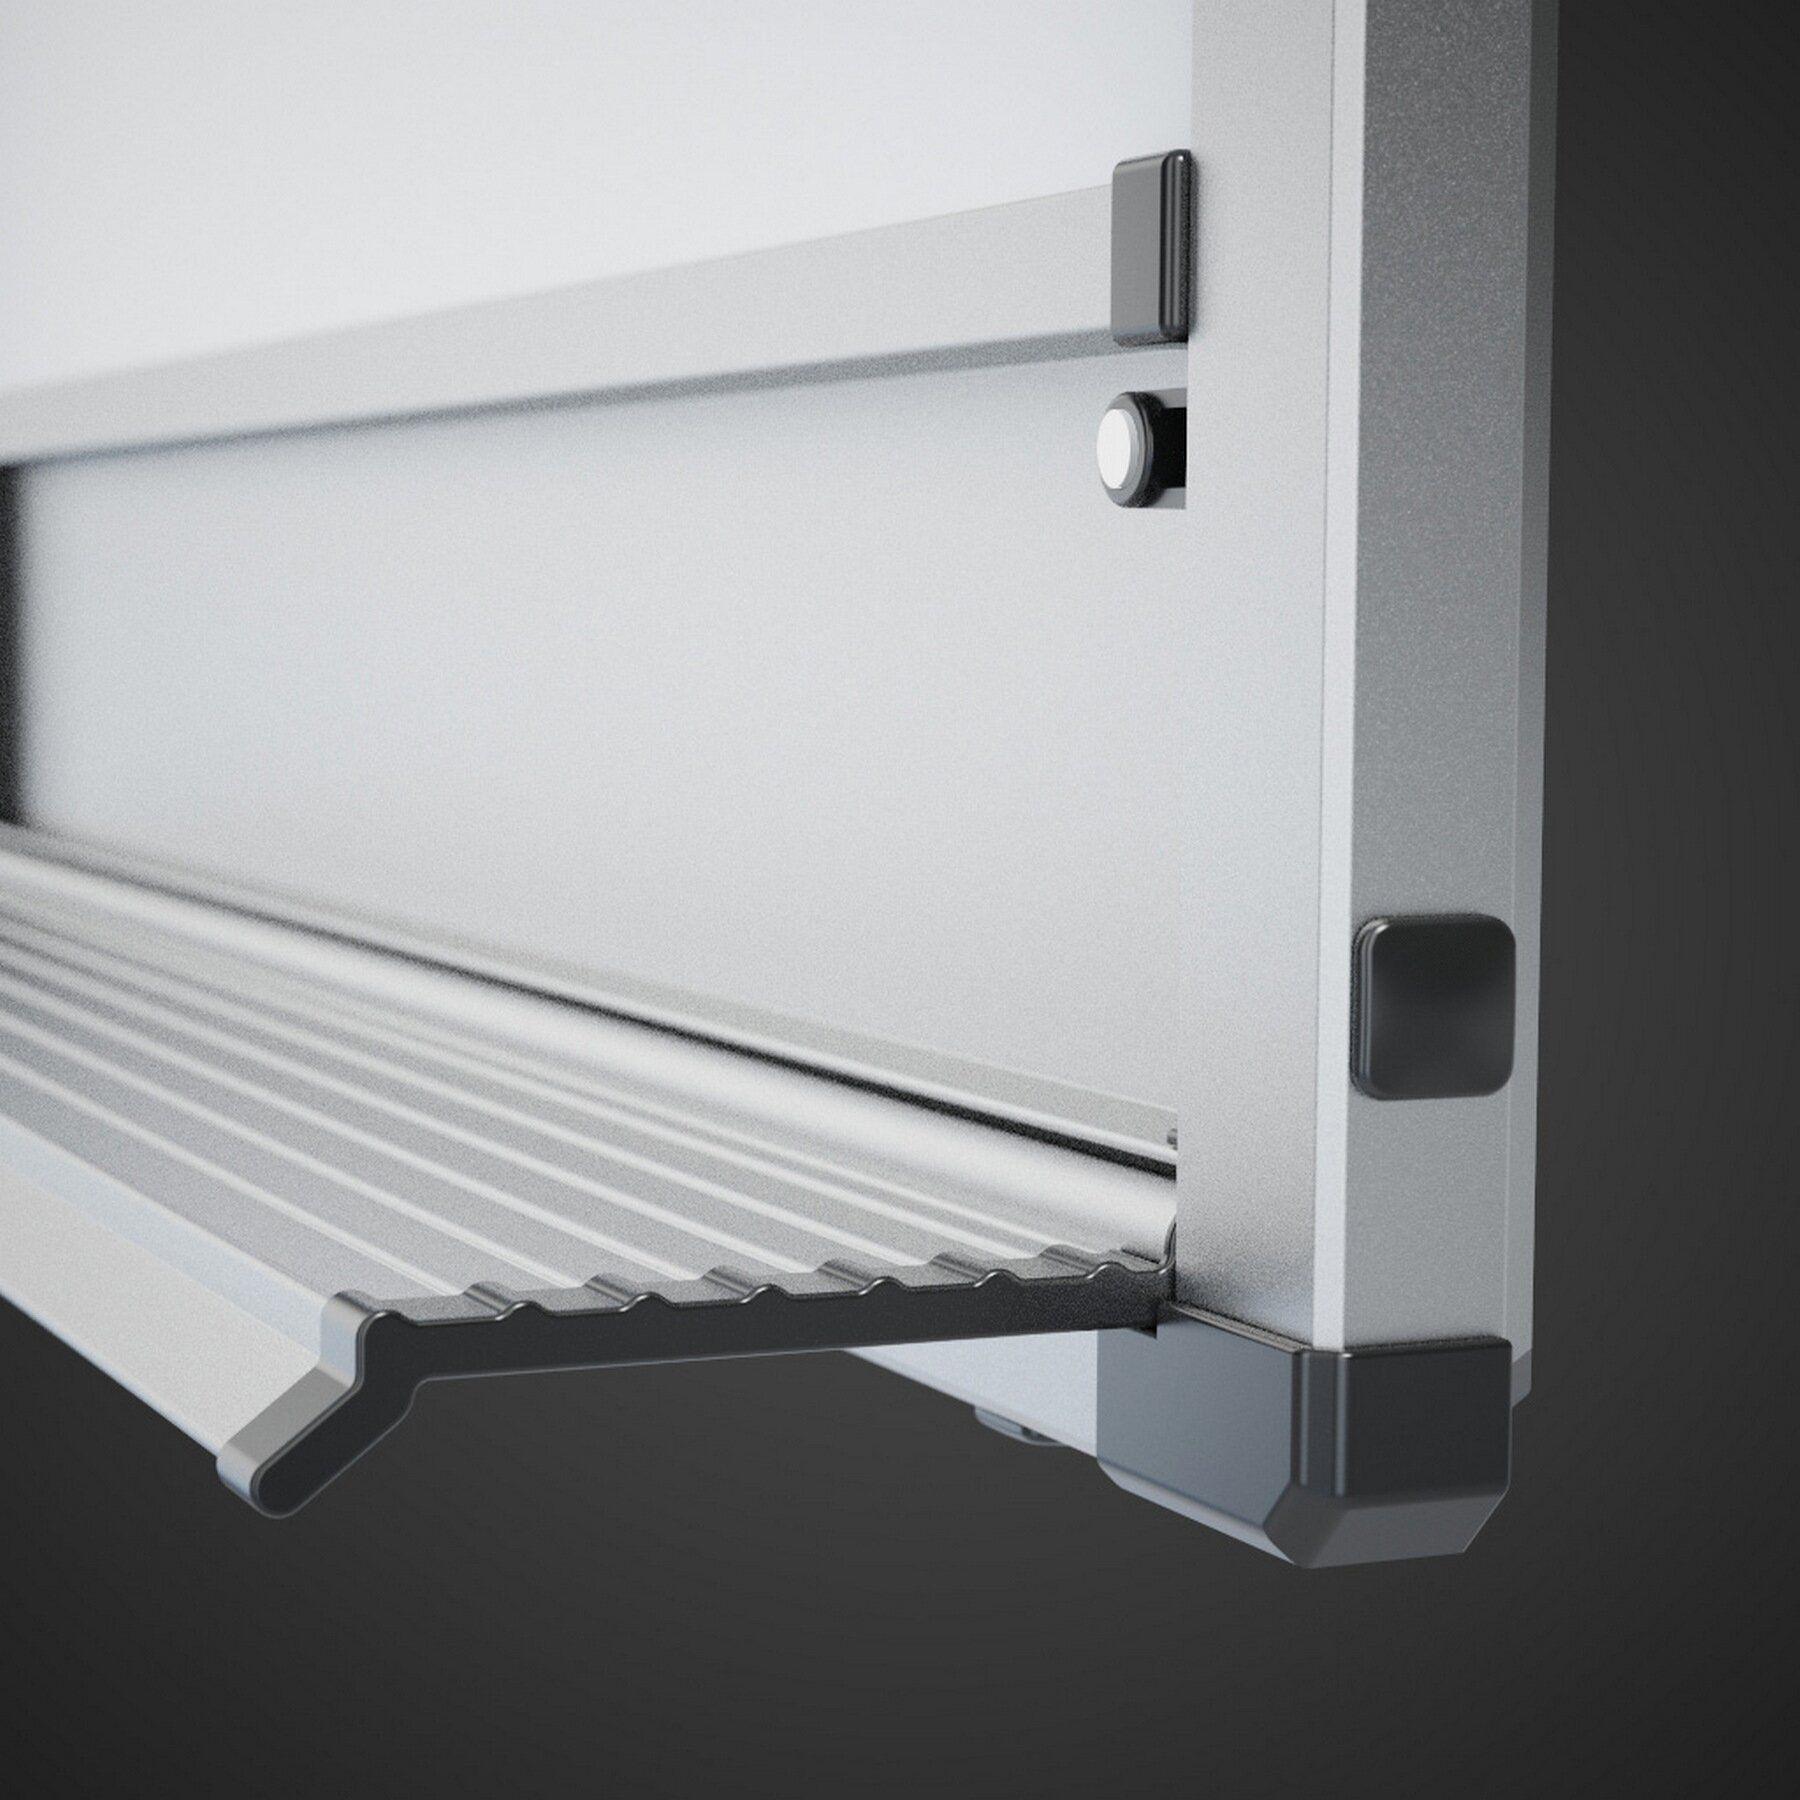 Доска белая магнитная сухостираемая StarBoard 120*180см., алюминиевая рамка, лак 2x3 - фото 2